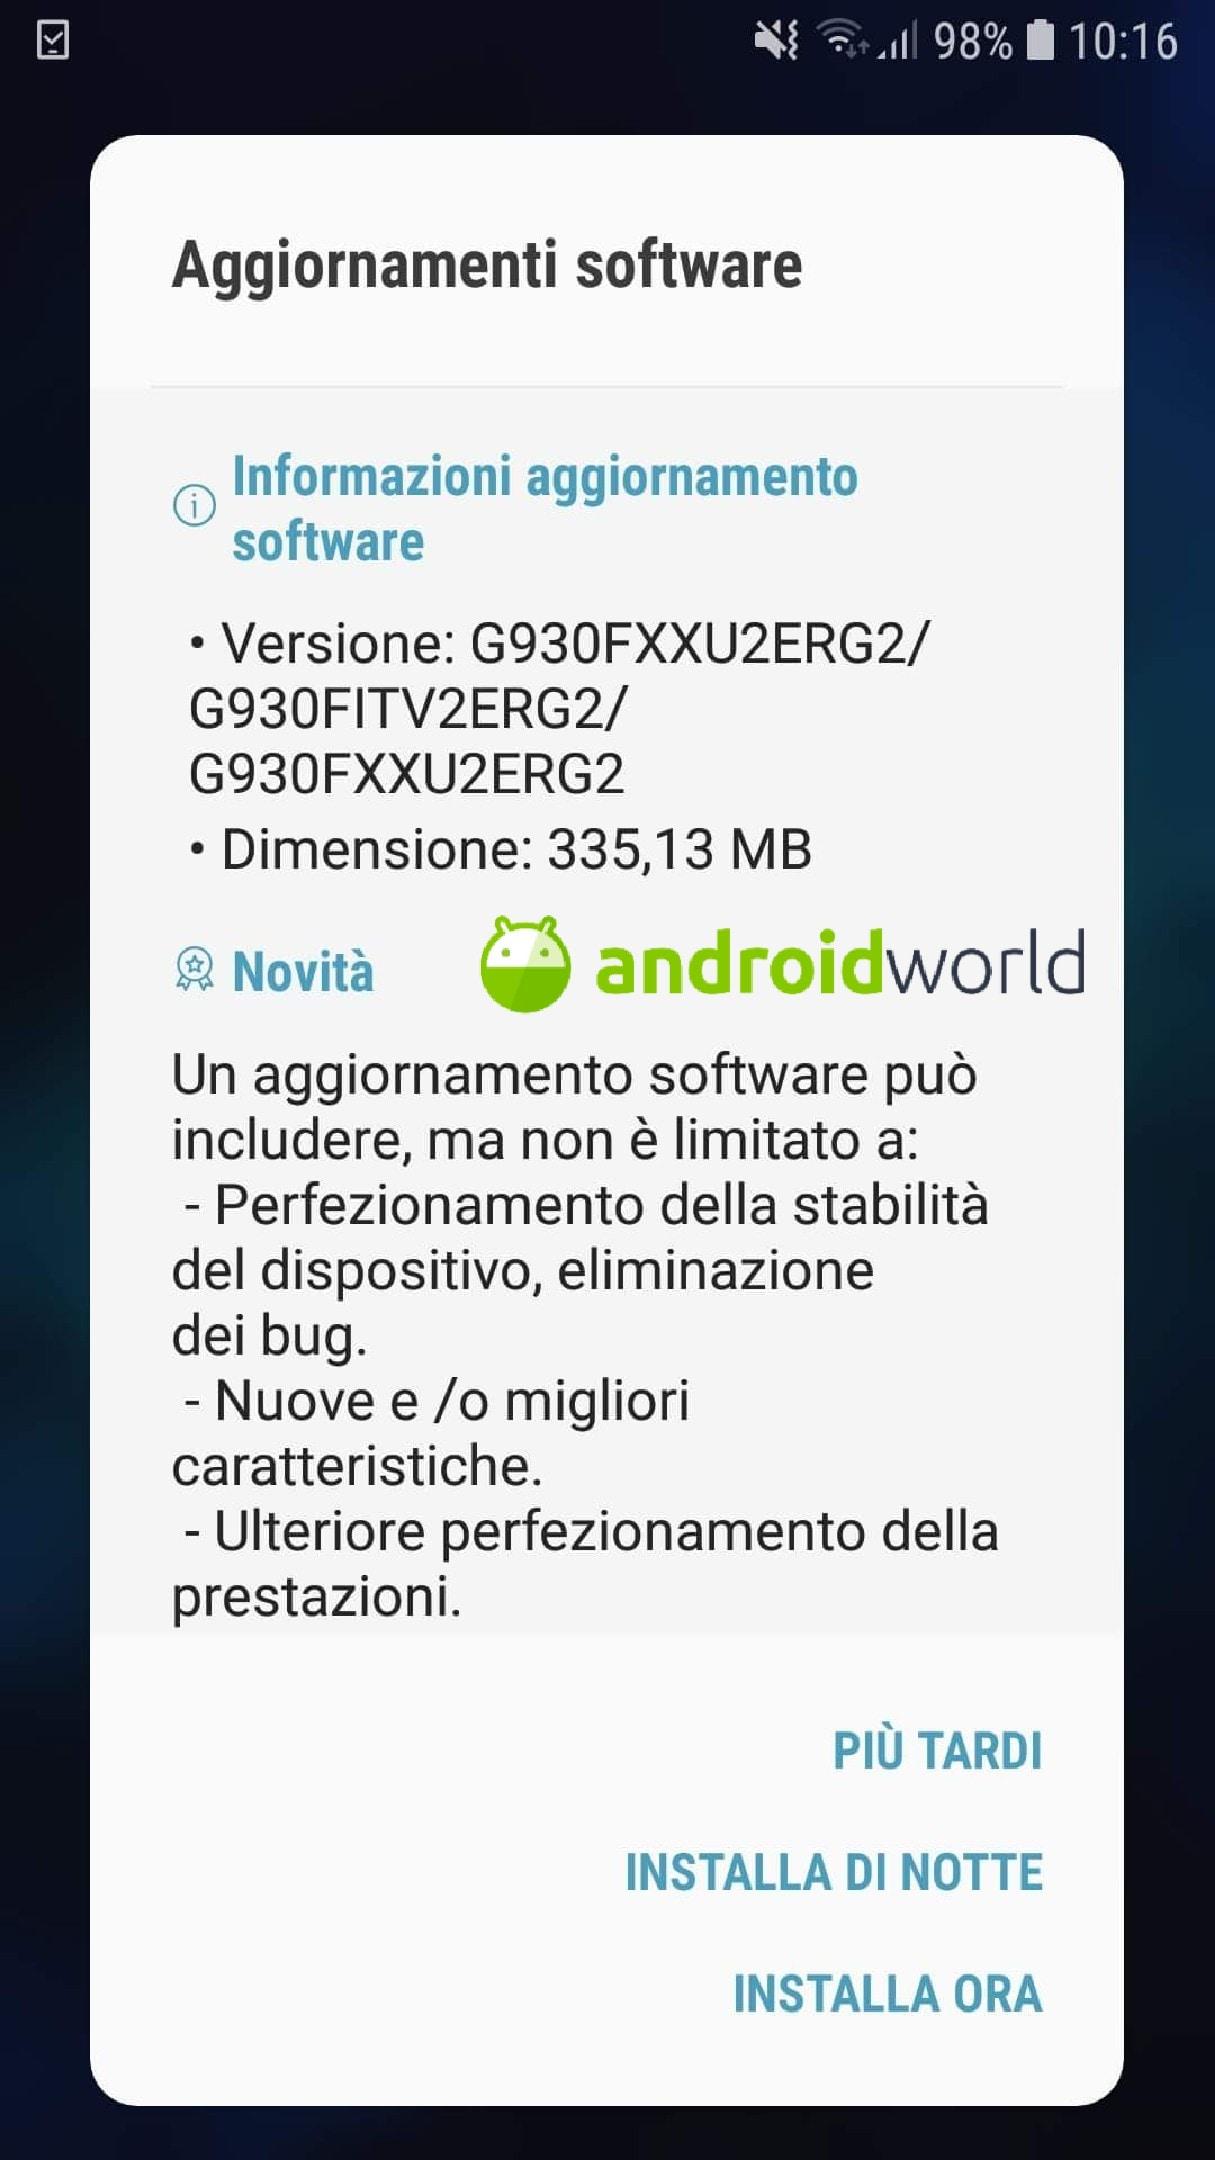 Galaxy S7 no brand aggiornamento